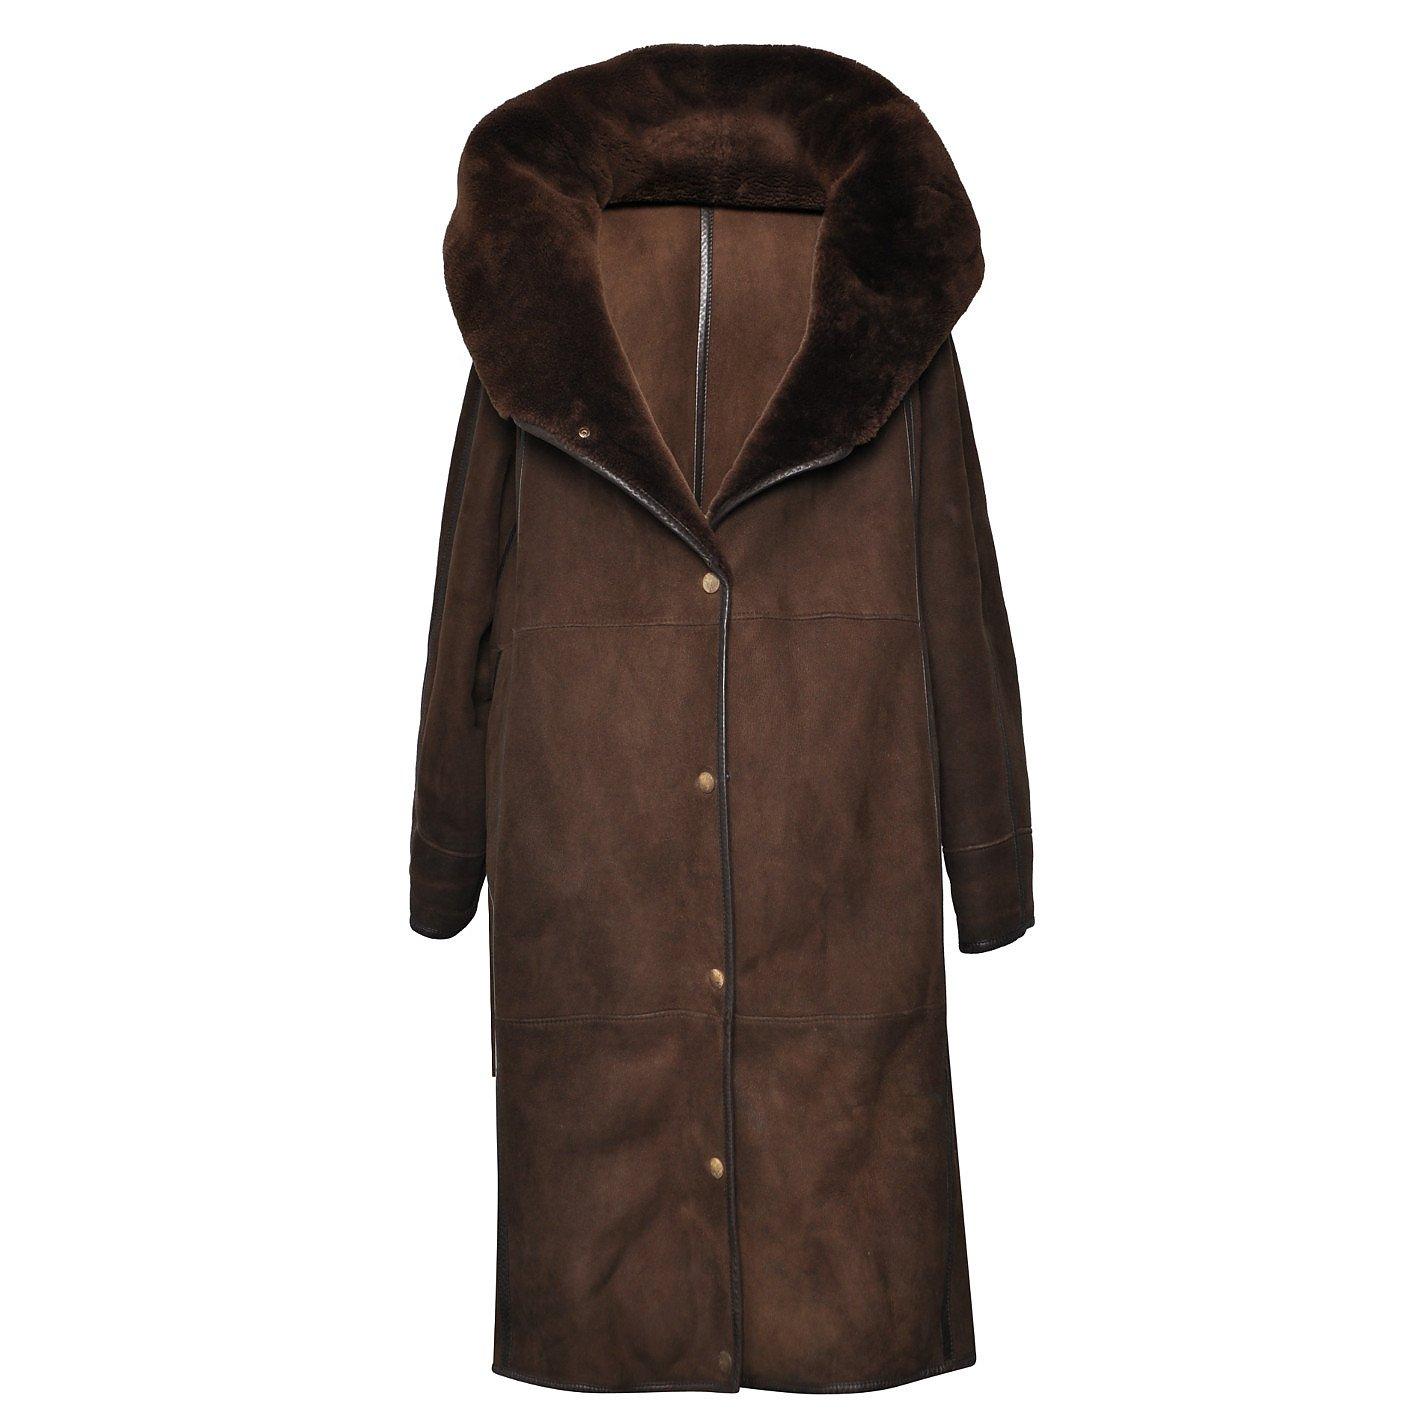 Anne-Marie Beretta Faux Fur-Trimmed Suede Coat